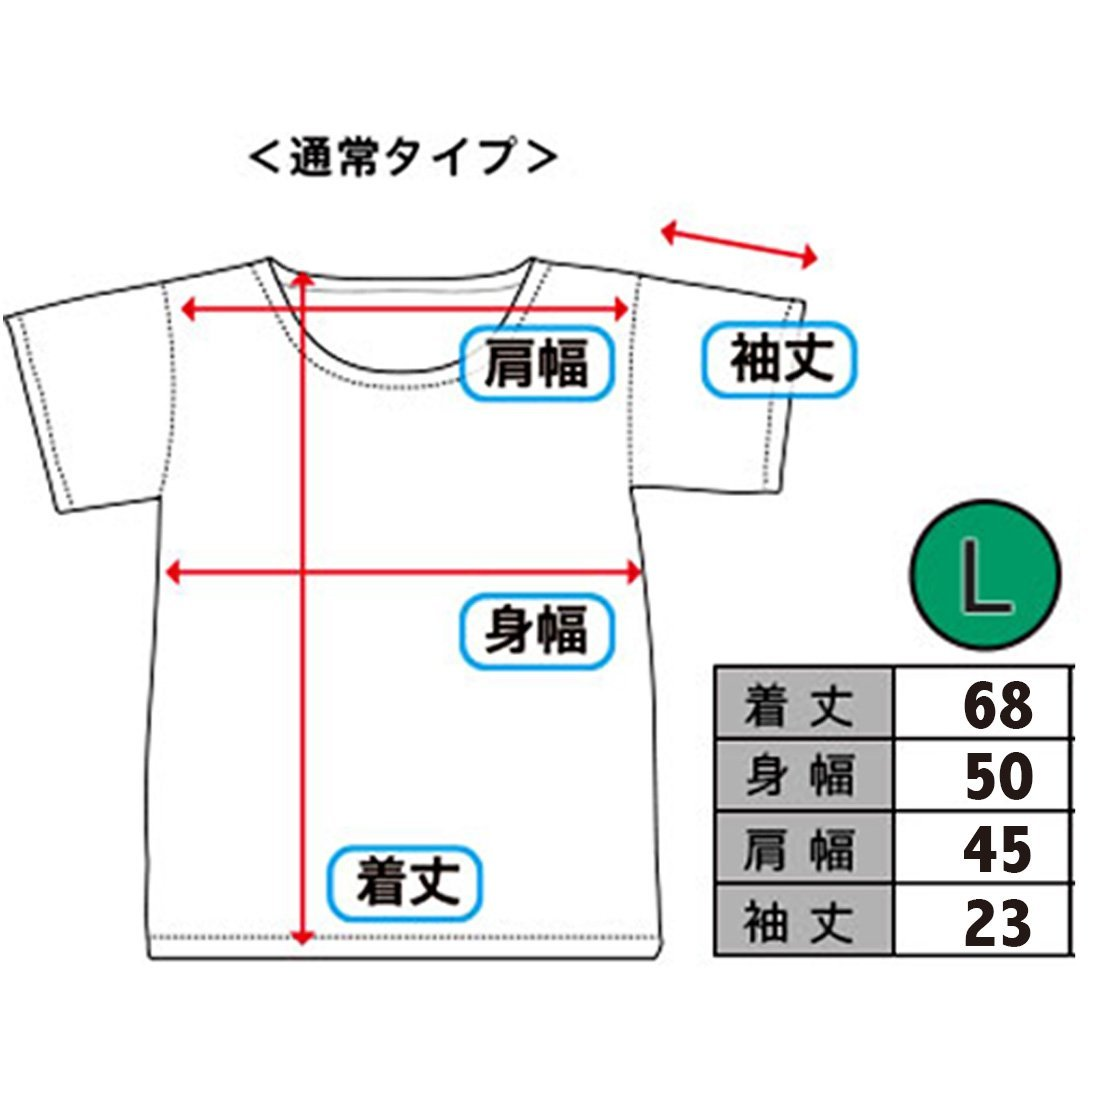 【入荷済】「 MARVEL 」 半袖Tシャツ レッドボックス ホワイト